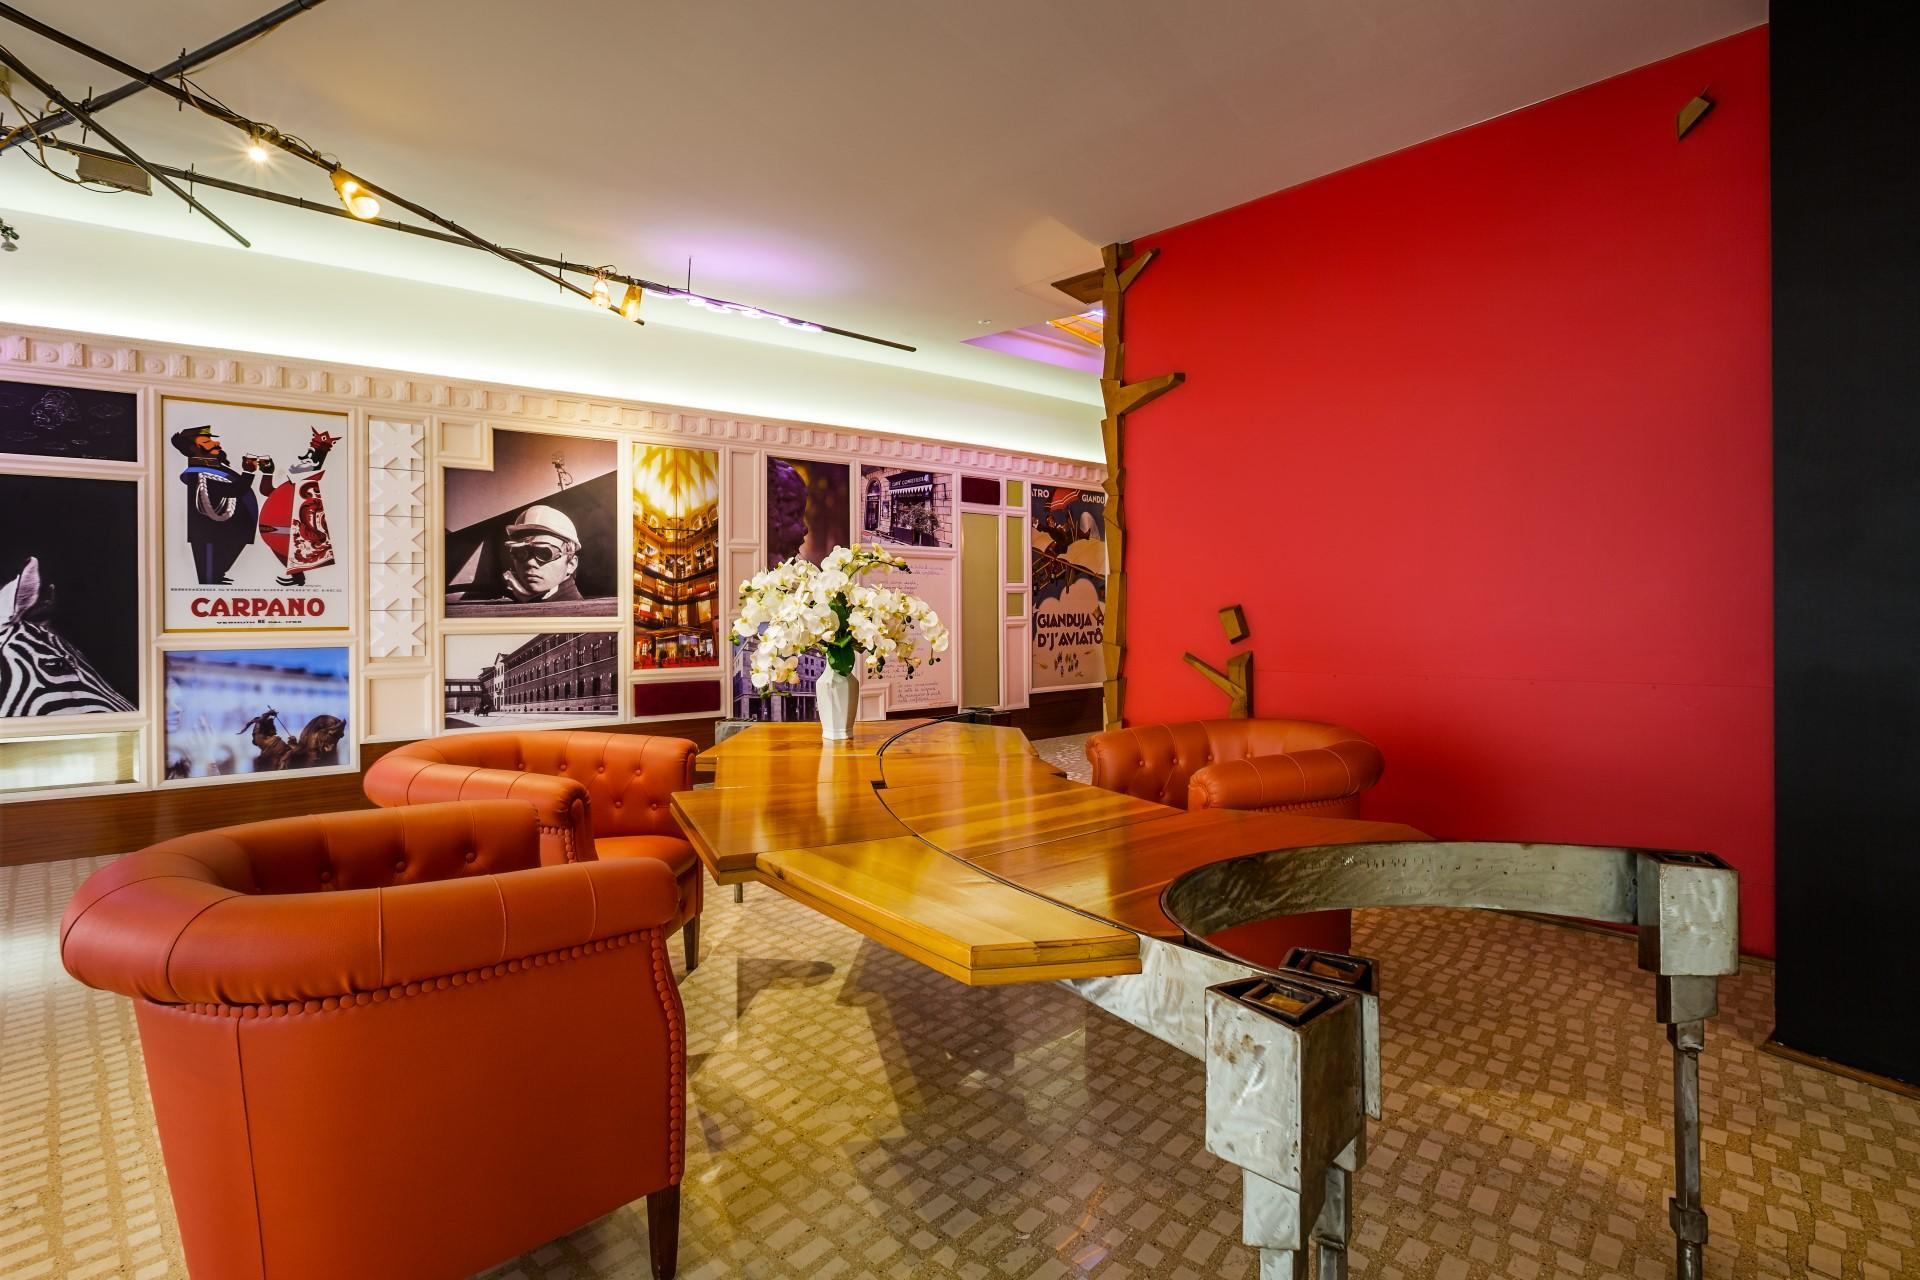 Affitto appartamenti di lusso torino juvarra house for Appartamenti arredati in affitto torino